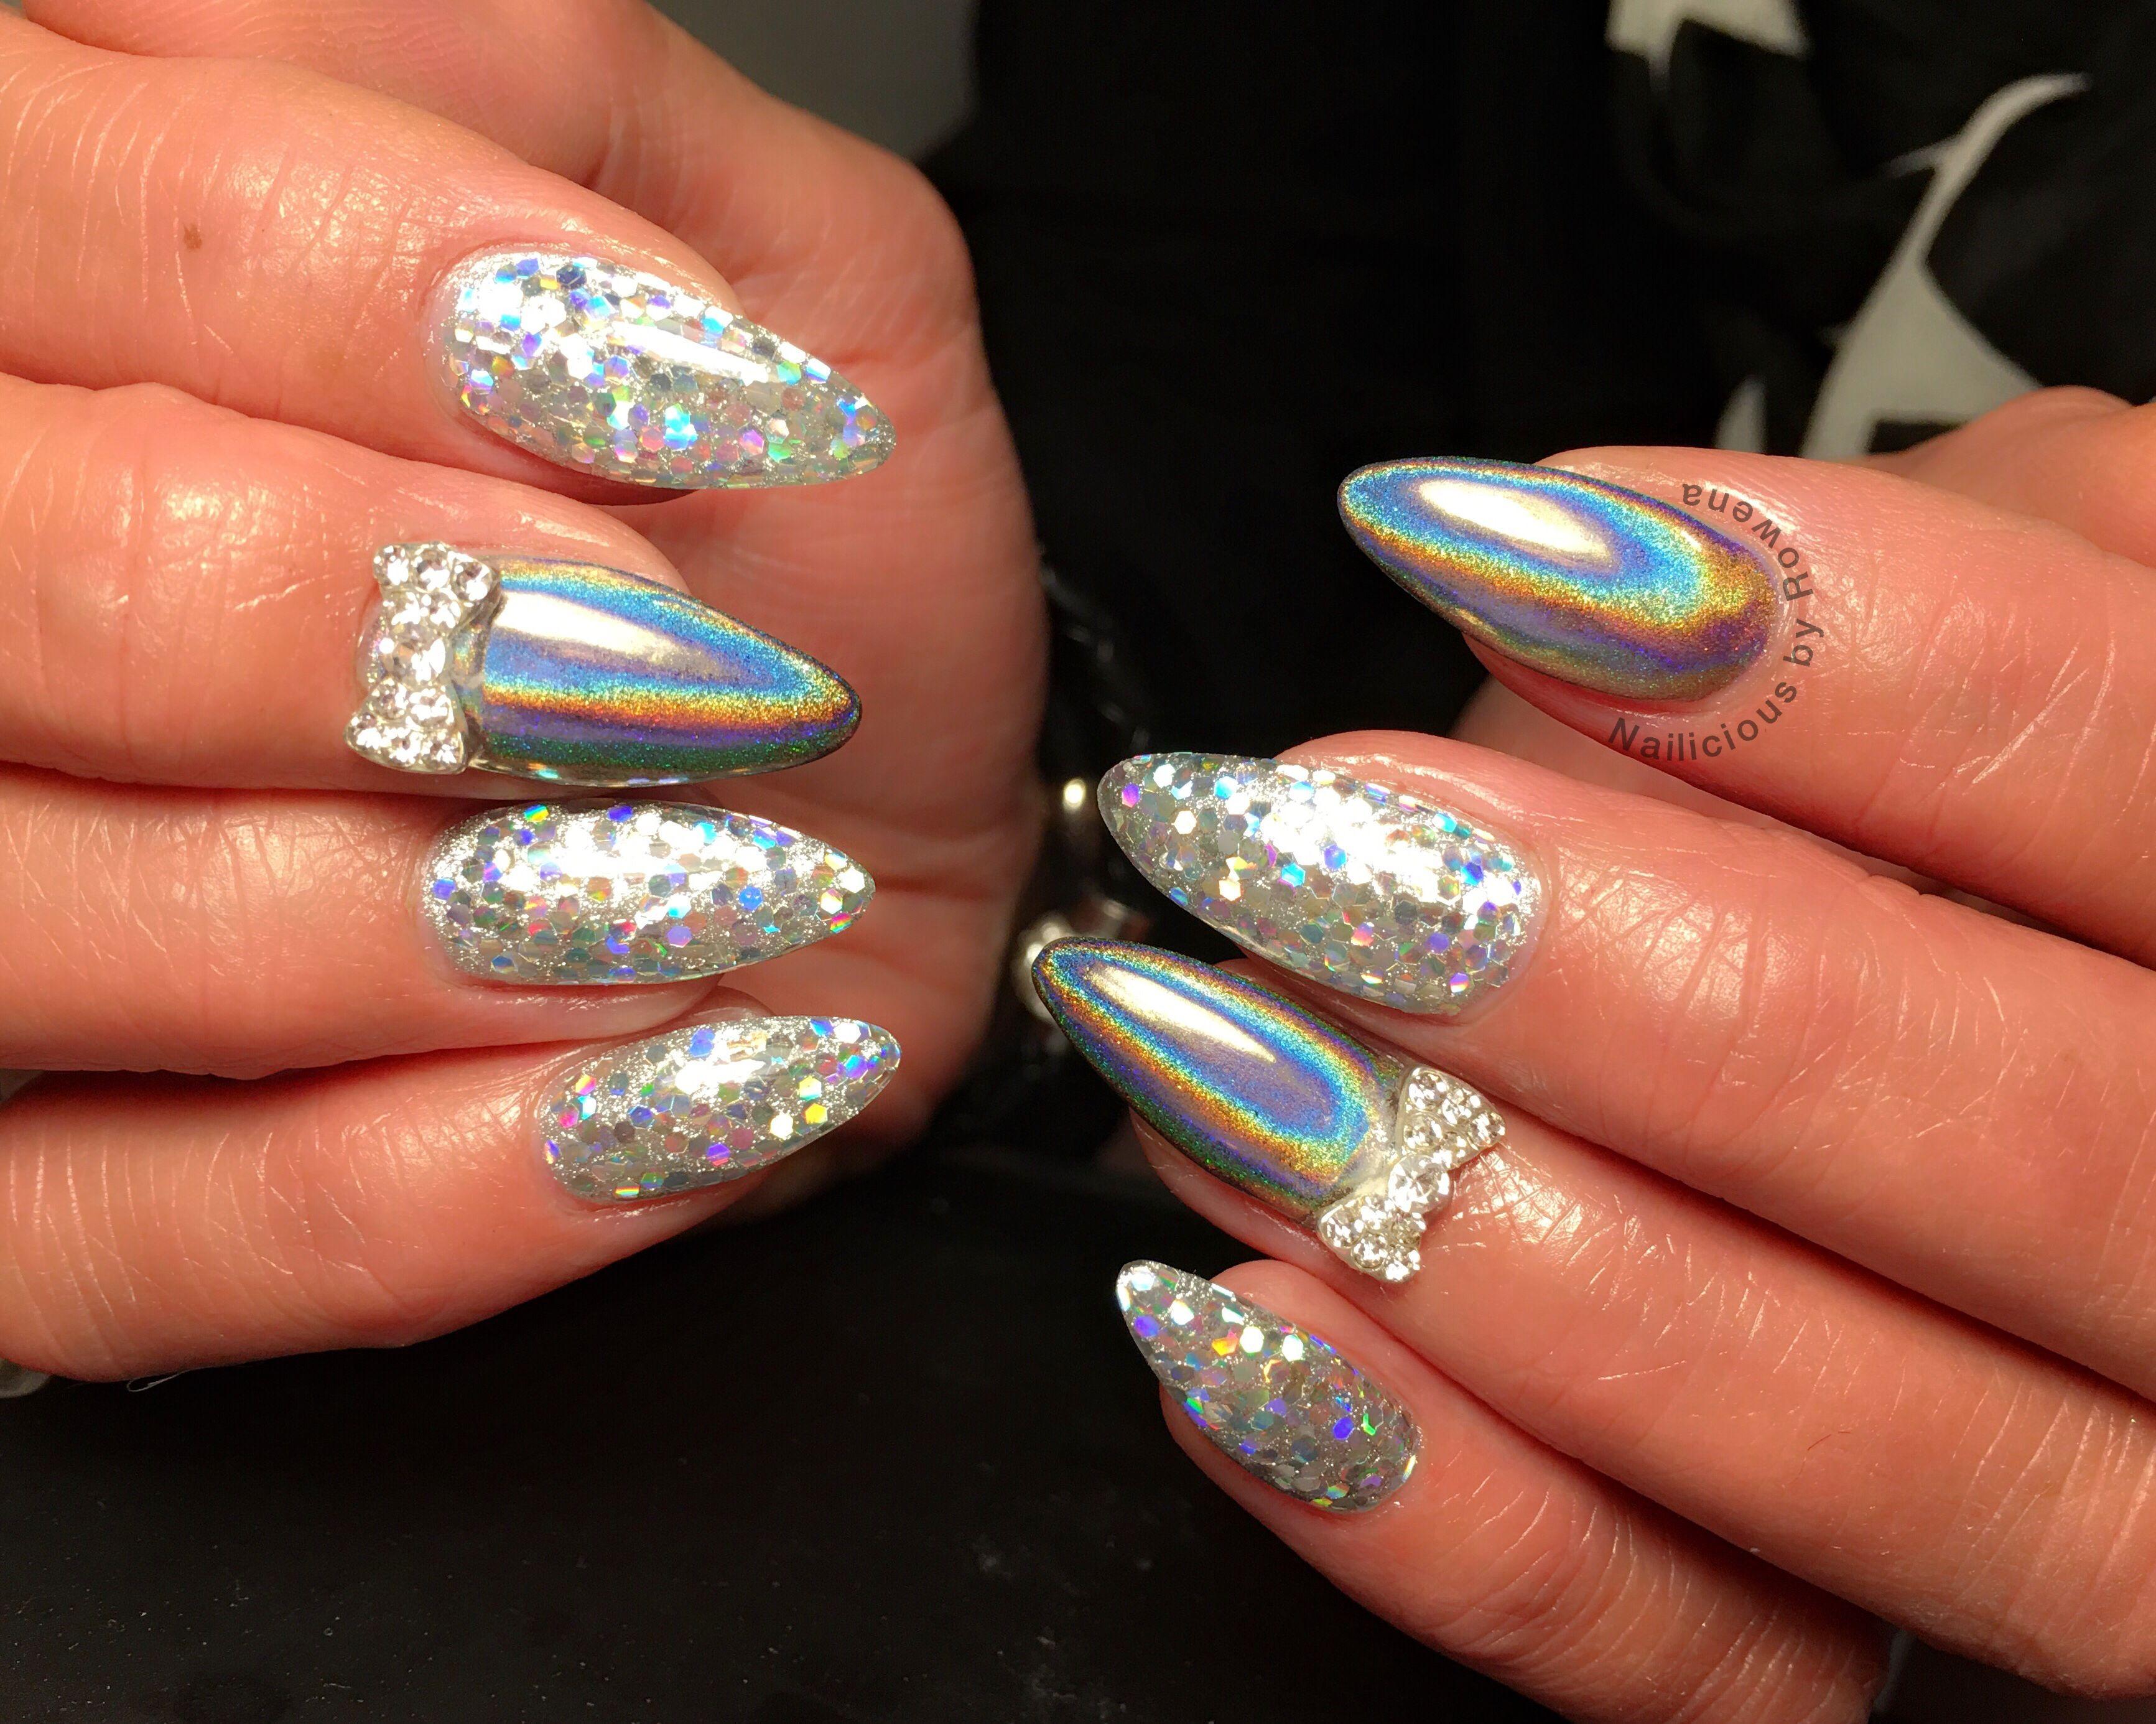 Holografic nails aka unicorn | Nails | Pinterest | Unicorns, Sparkly ...